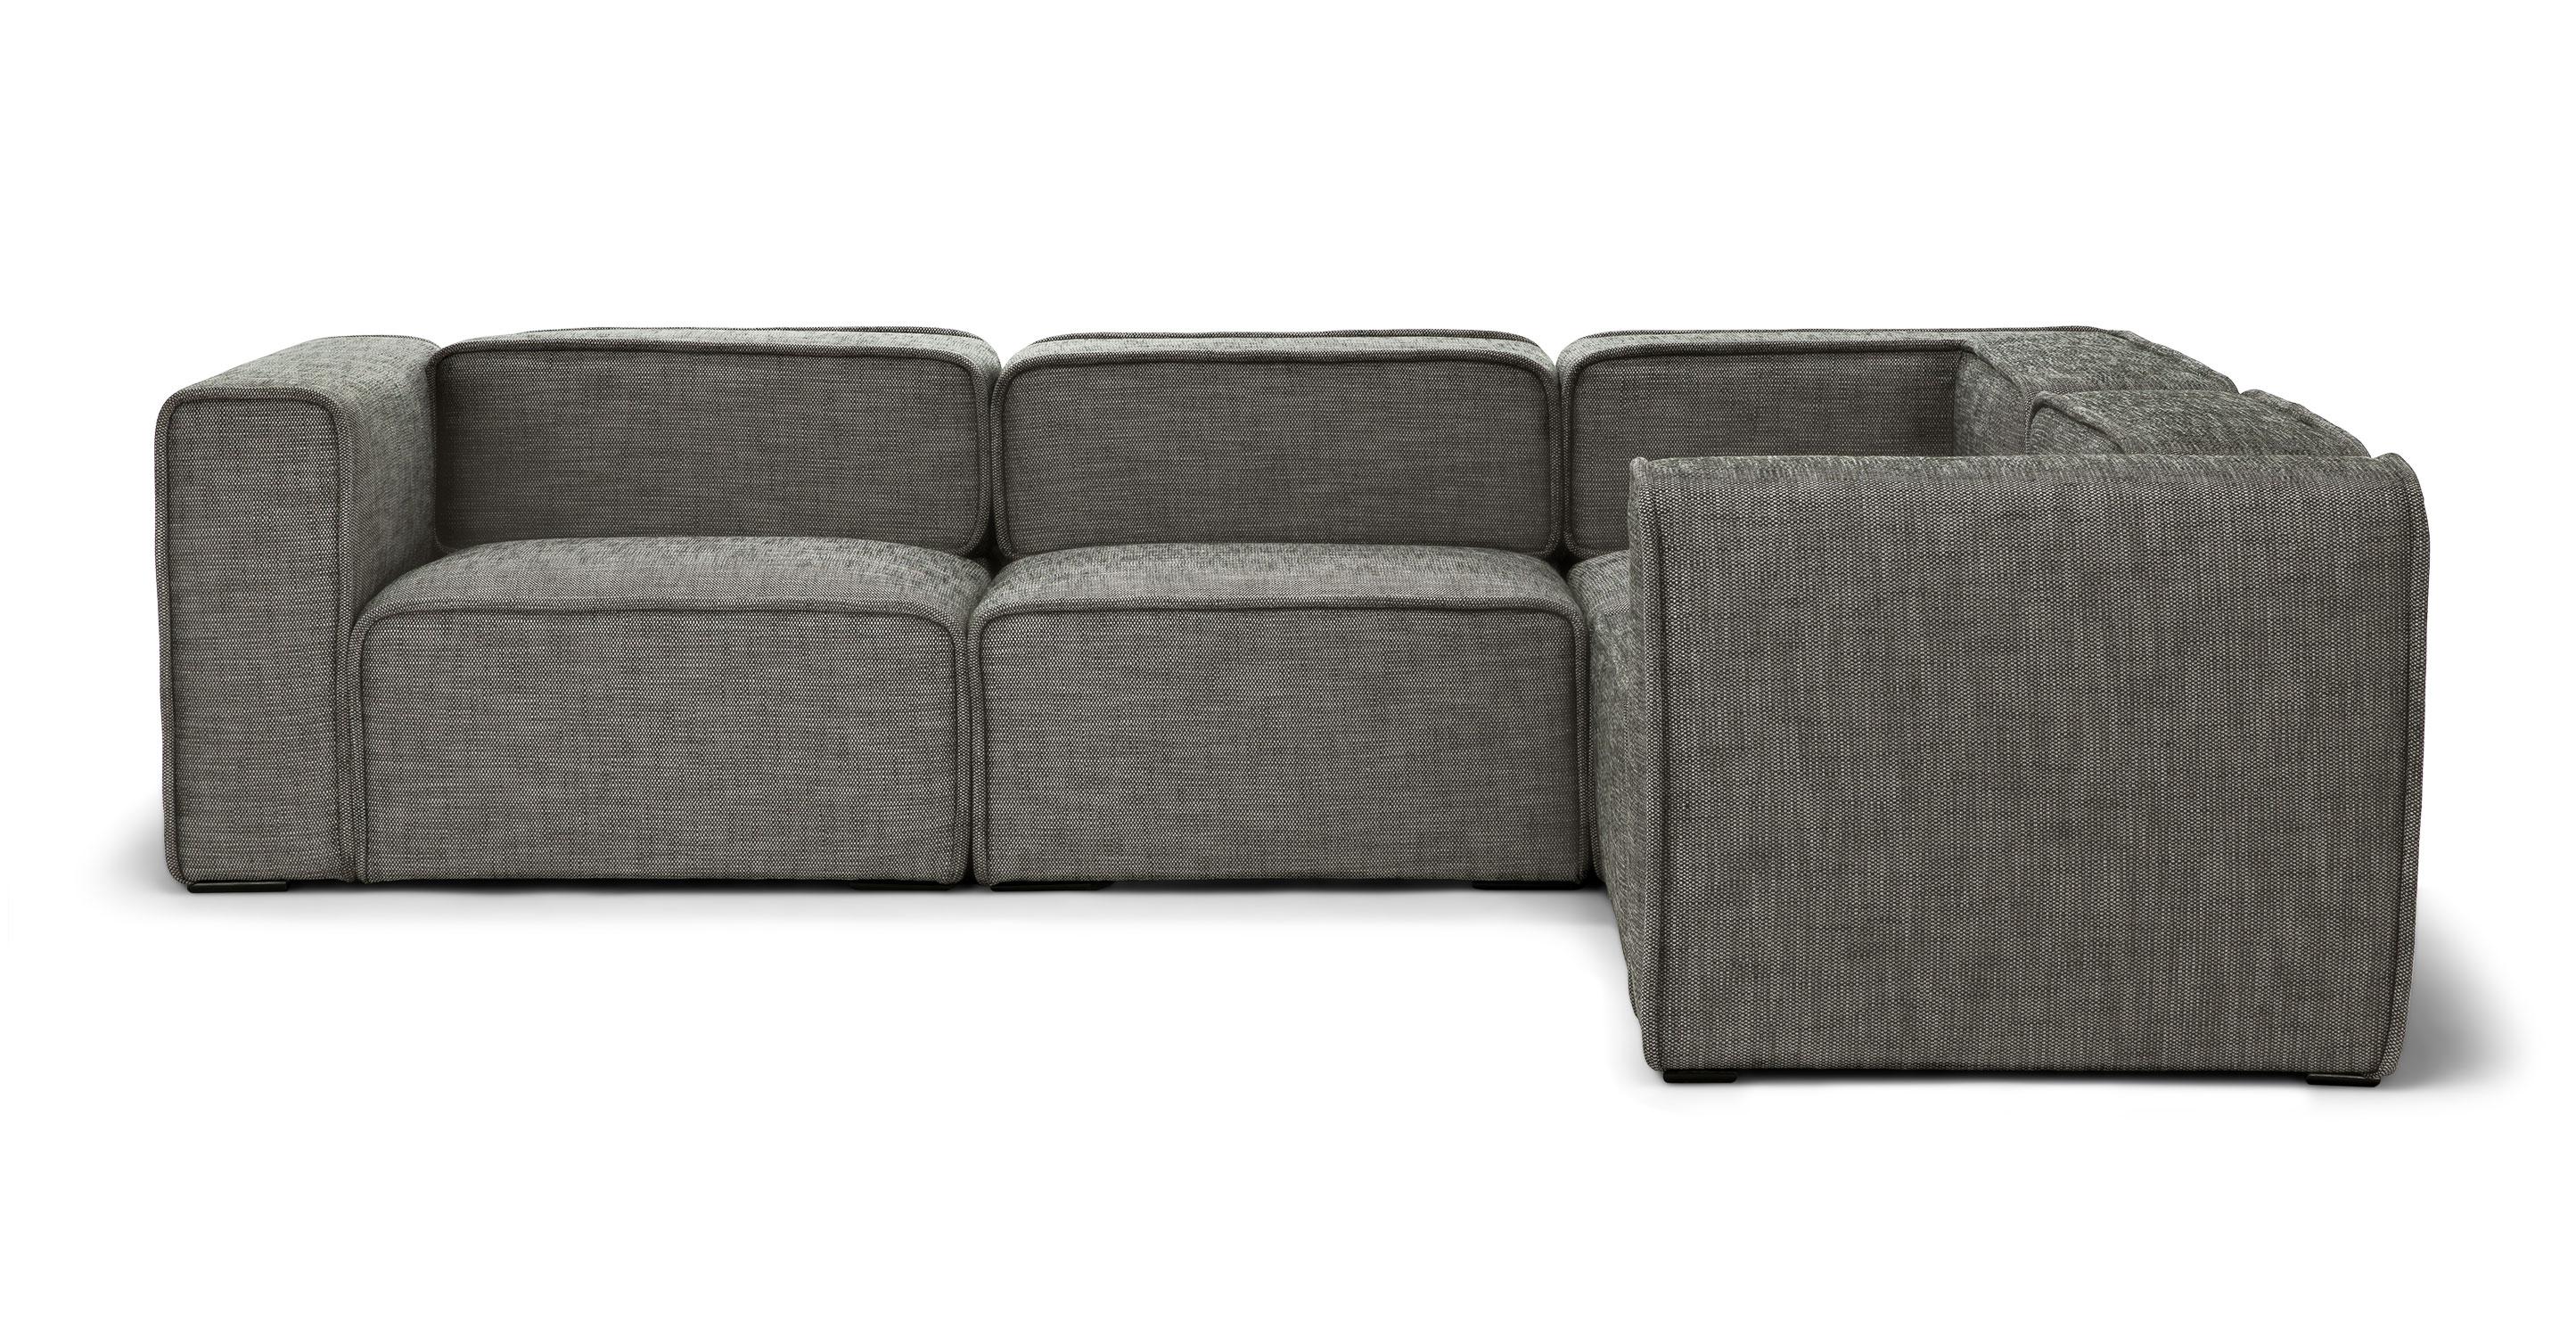 quadra modular sofa according to article UUFZVEZ